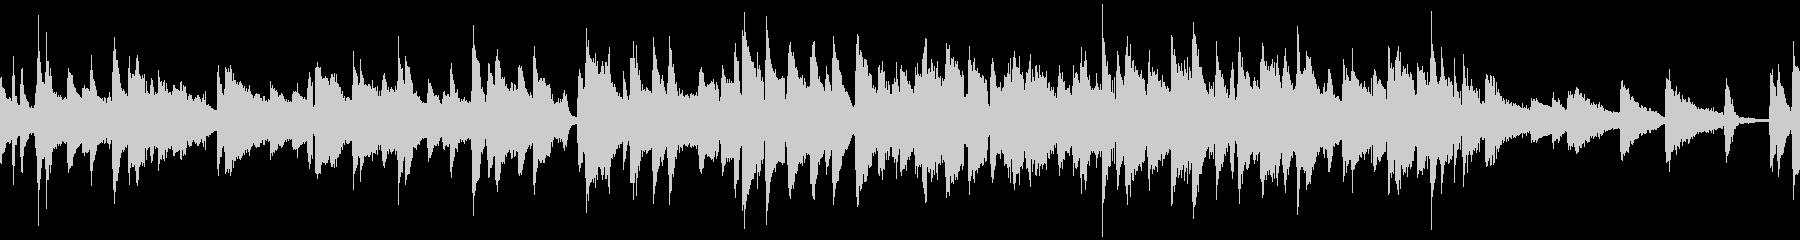 シンプルで明るいピアノジャズ曲:ループの未再生の波形